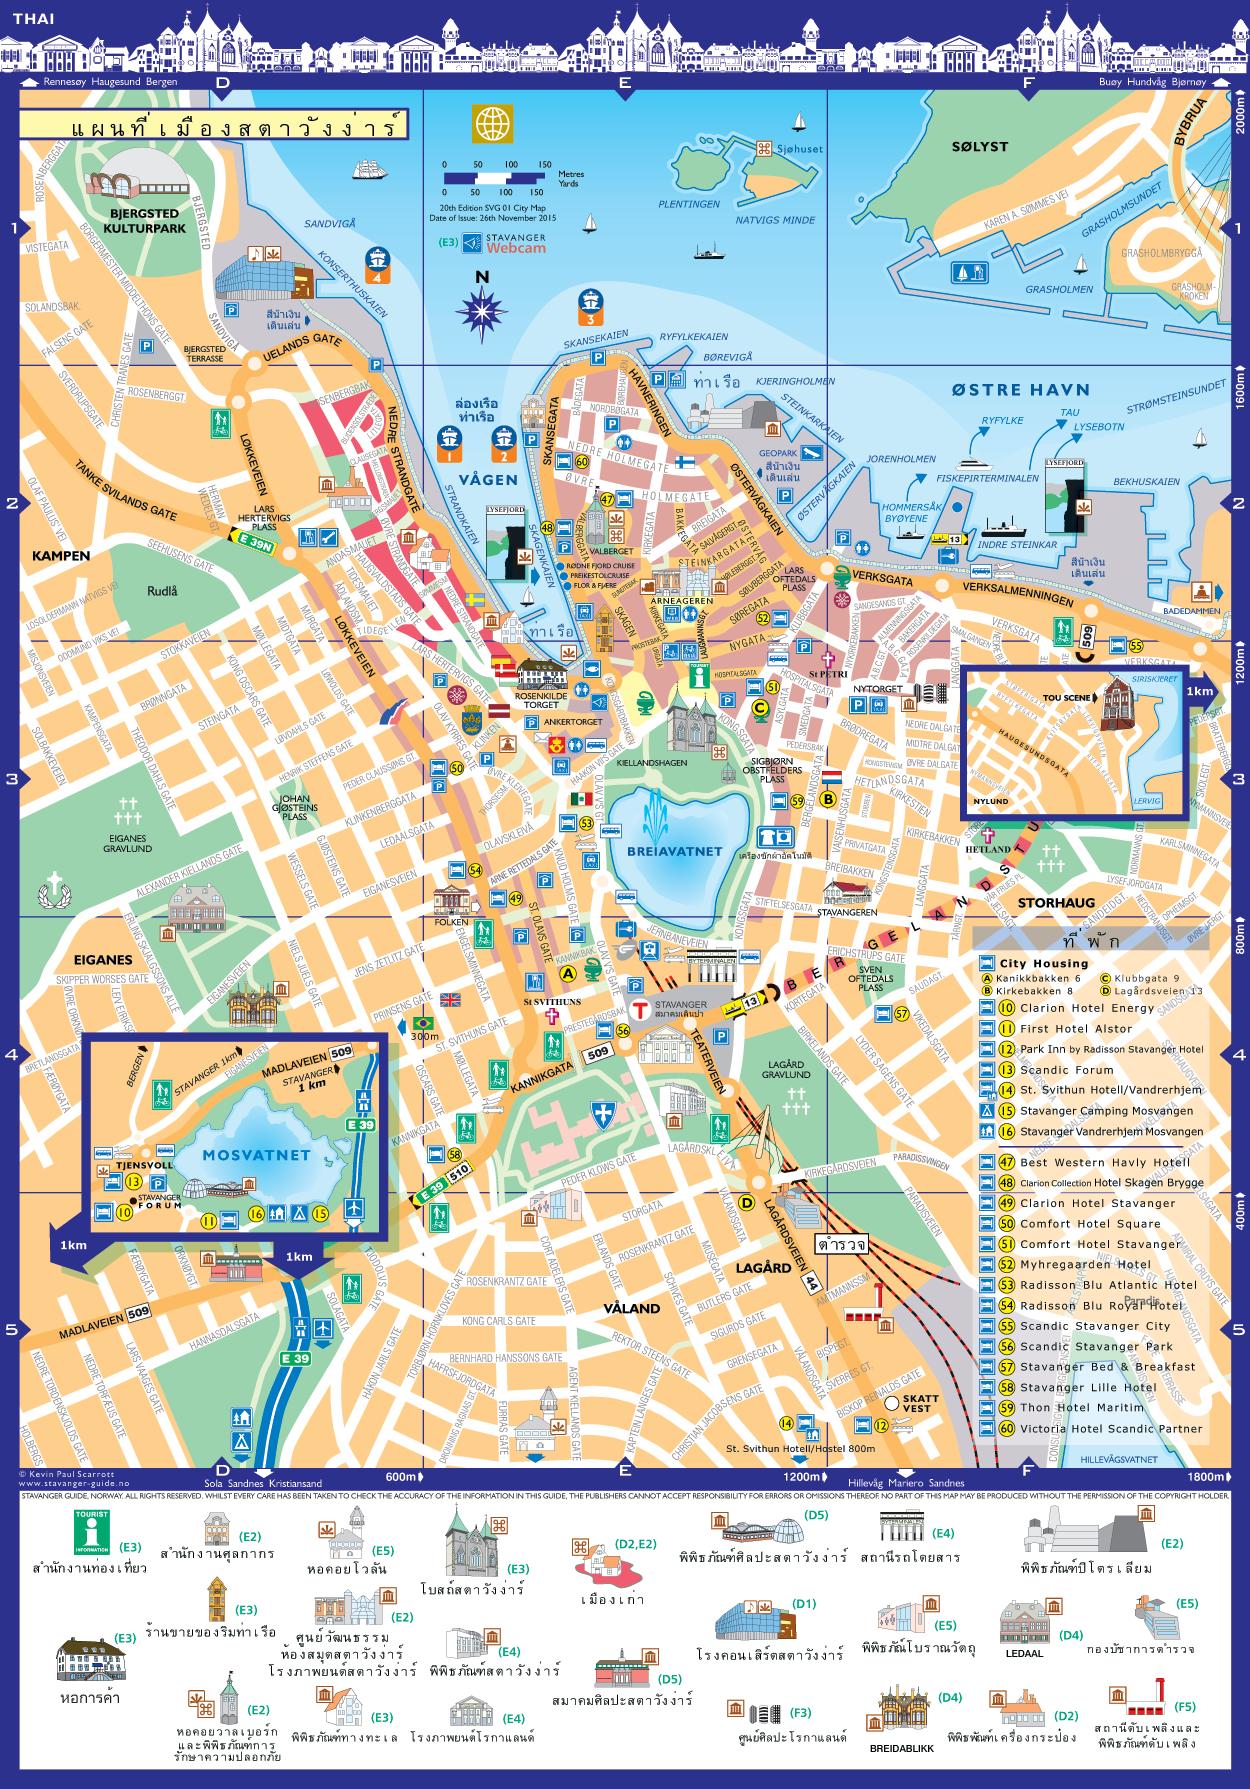 แผนที่เมือง Stavanger